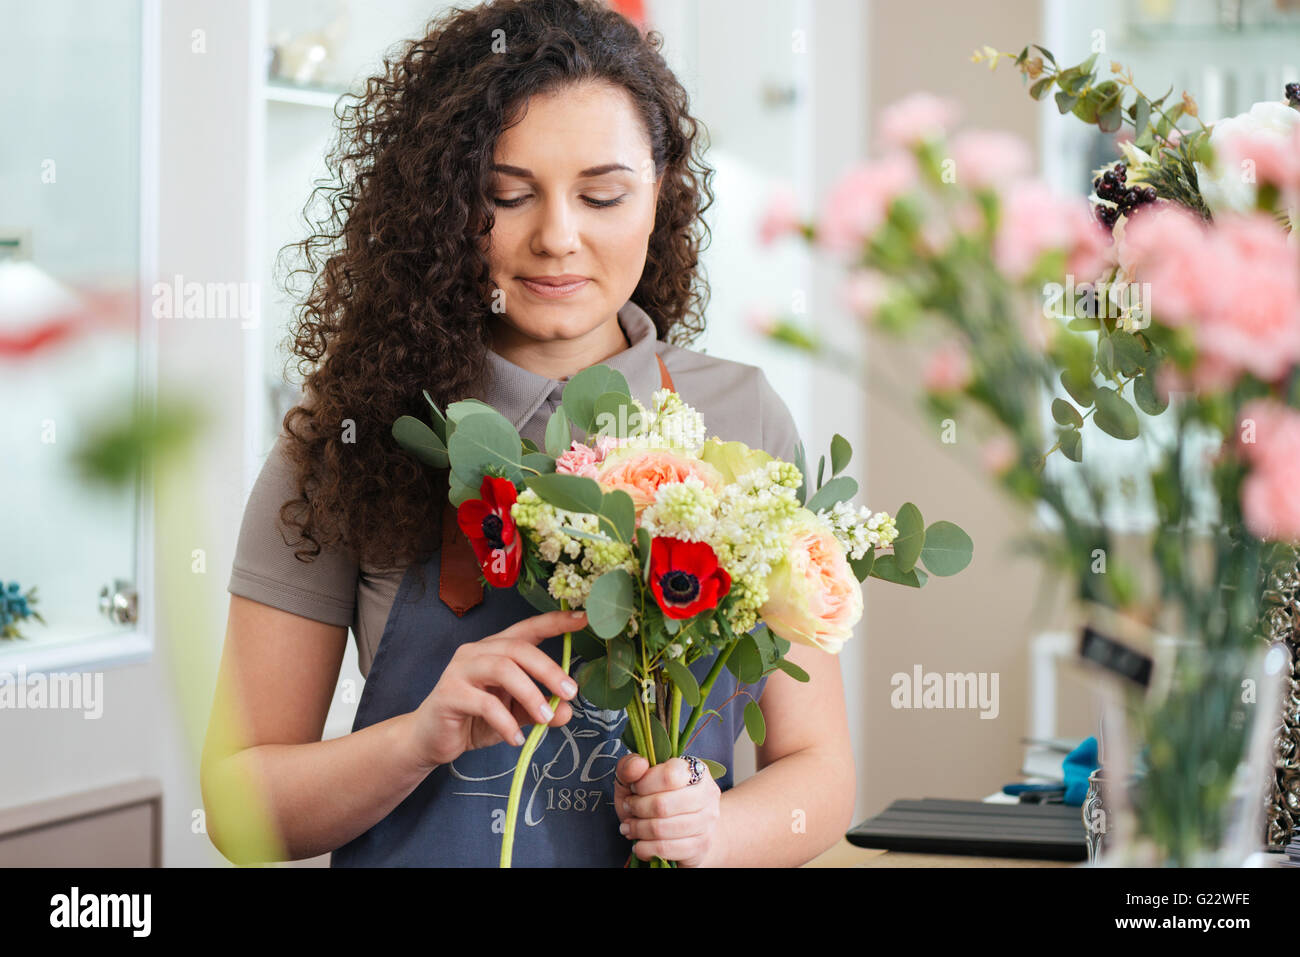 Nachdenklich nette junge Frau Blumengeschäft Blumen halten und Strauß im shop Stockbild